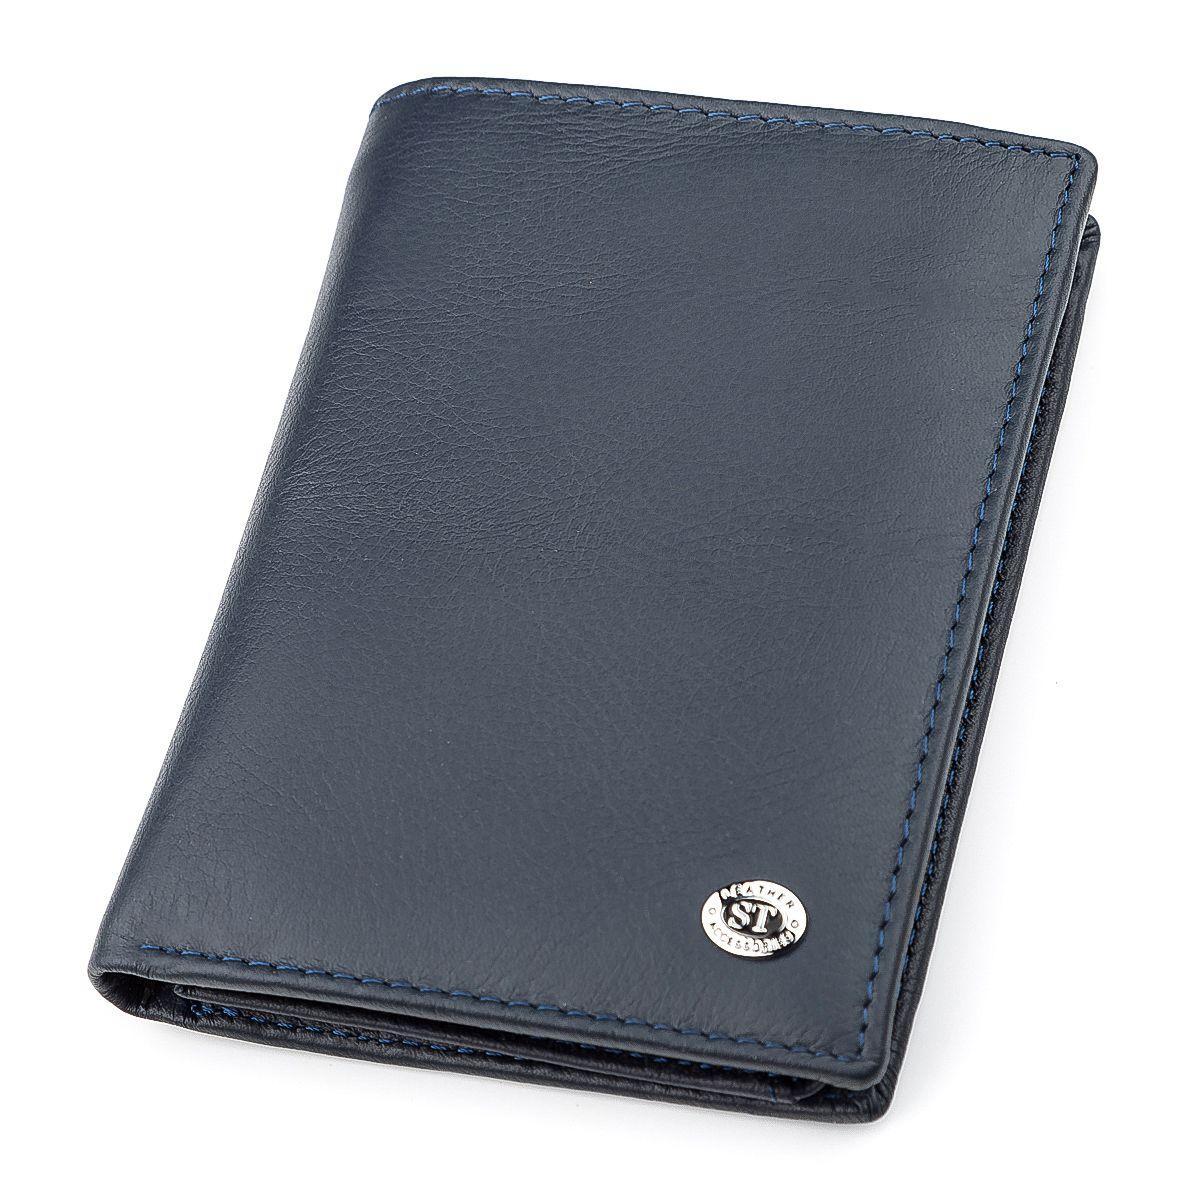 Мужской бумажник ST Leather 18349 (ST-2) кожа Синий, Синий